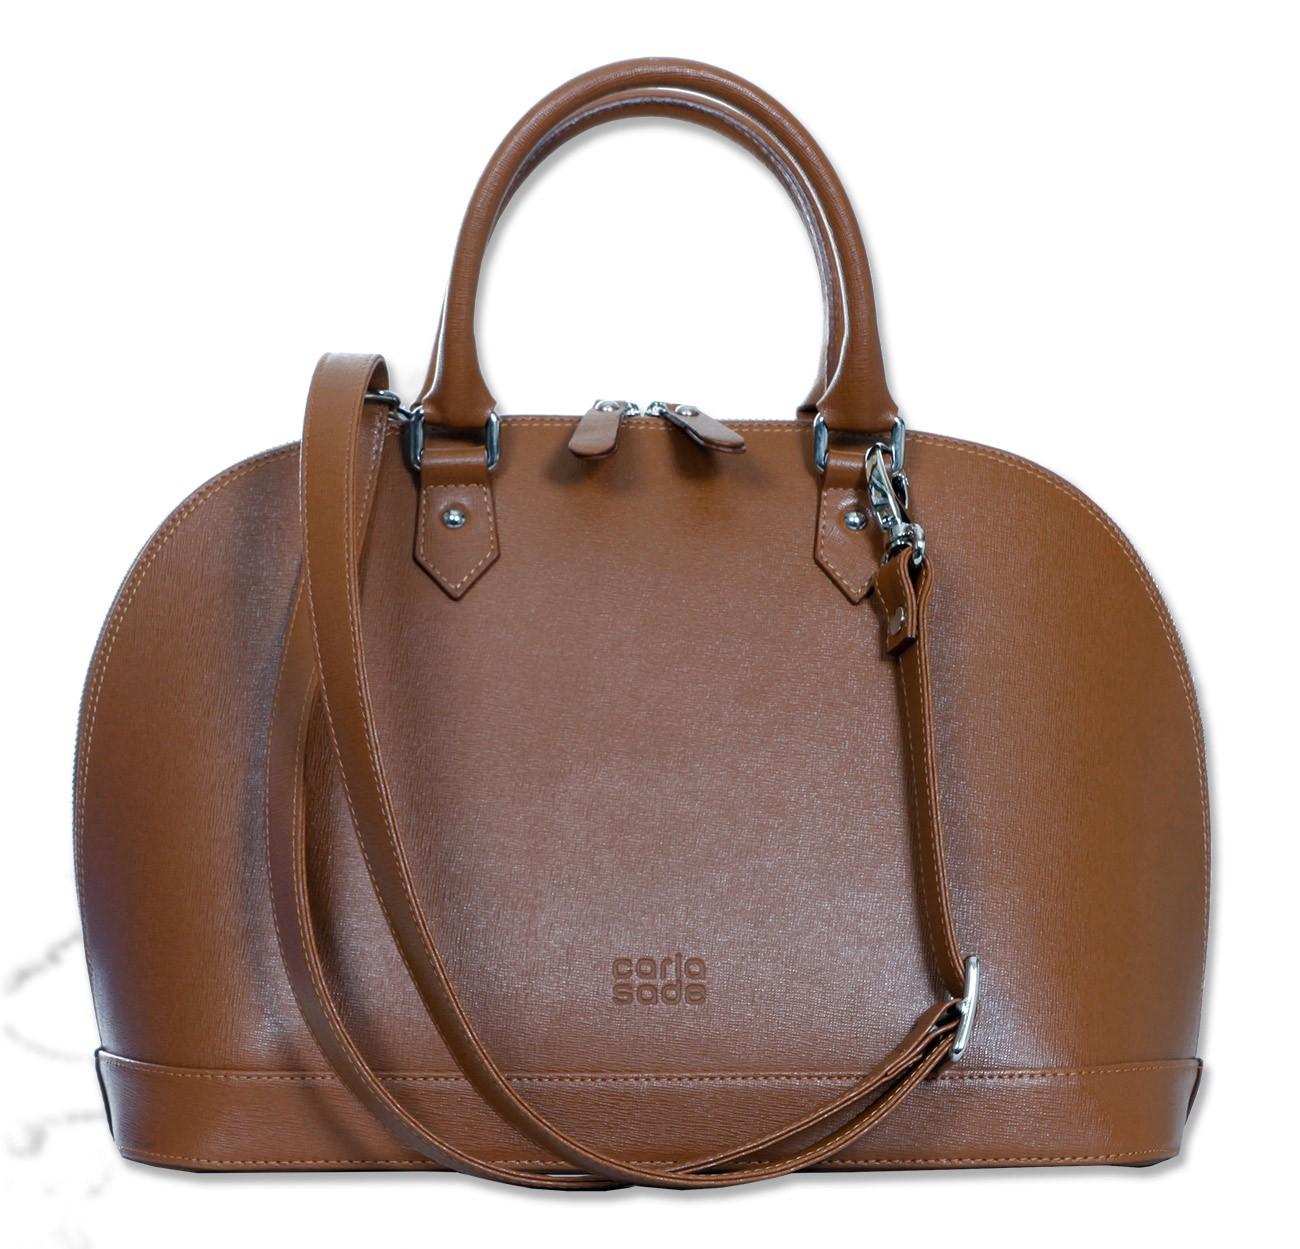 787886abf4922 Bolso de piel Carla Sade mujer - PIELDEUBRIQUE.COM